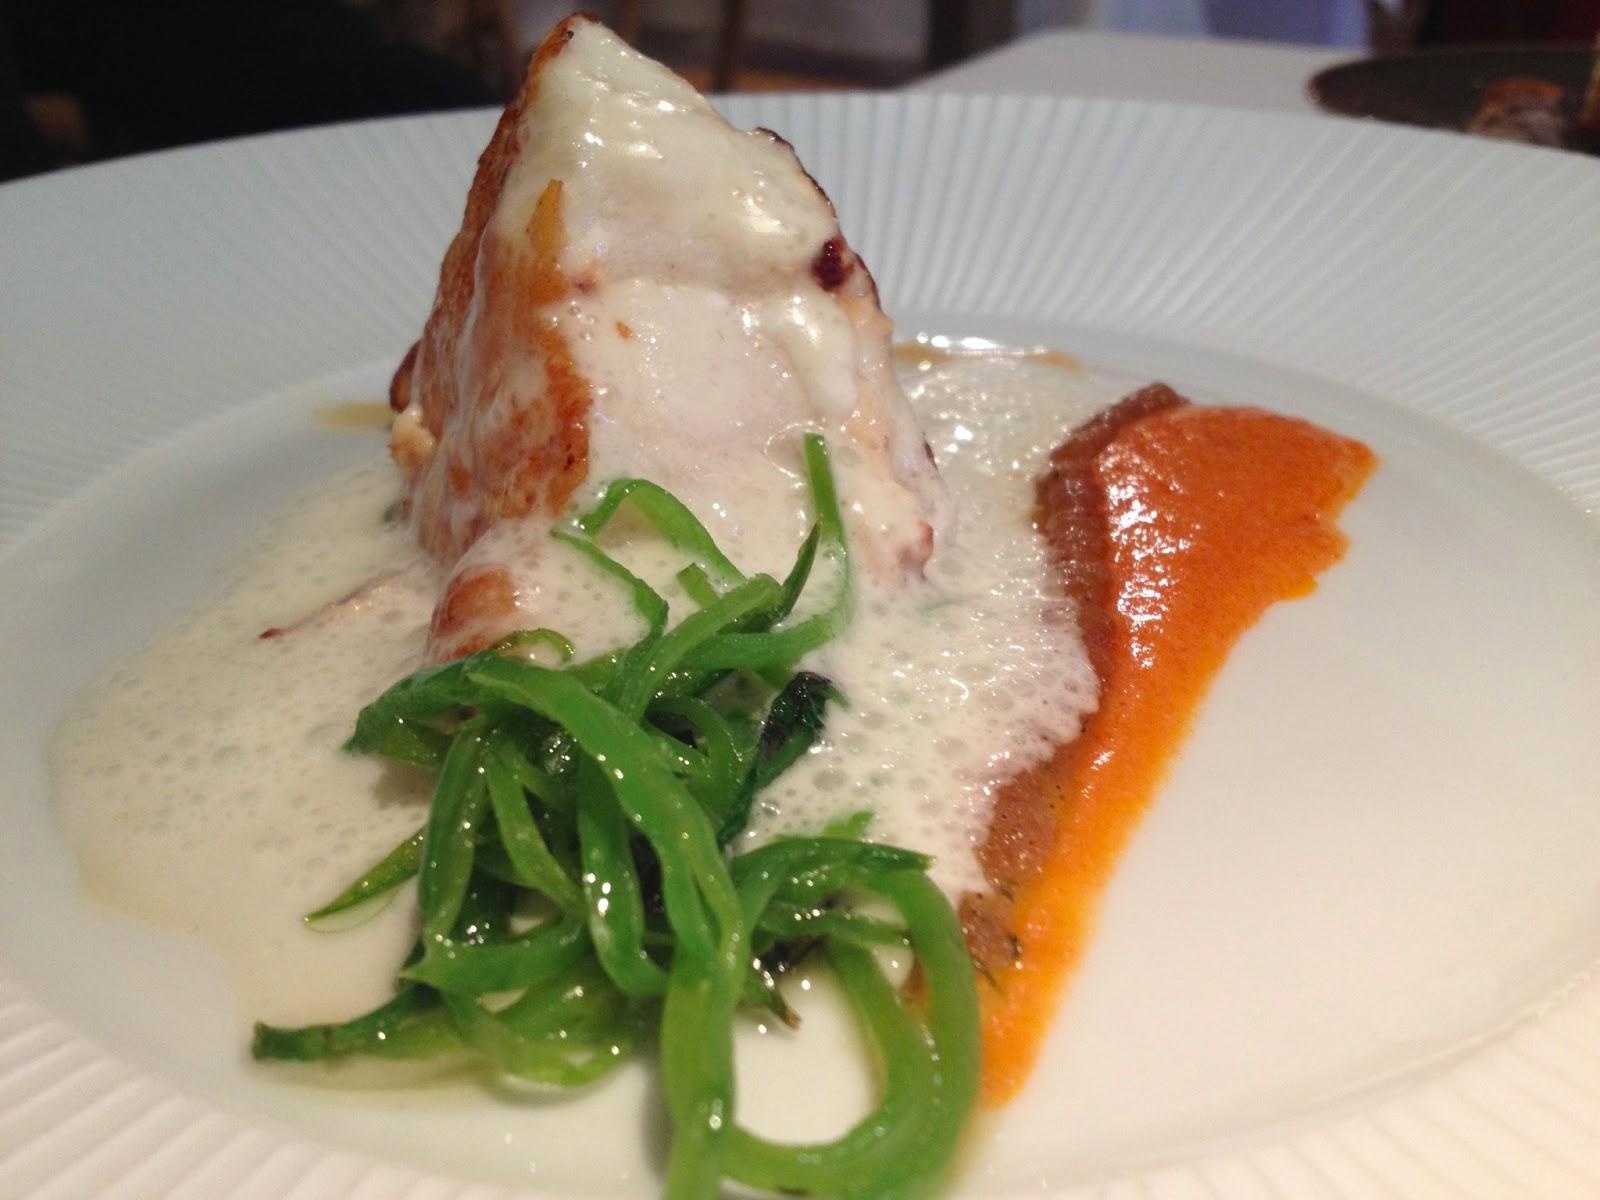 Thelicious food casa marcial asturias for Asturias cuisine